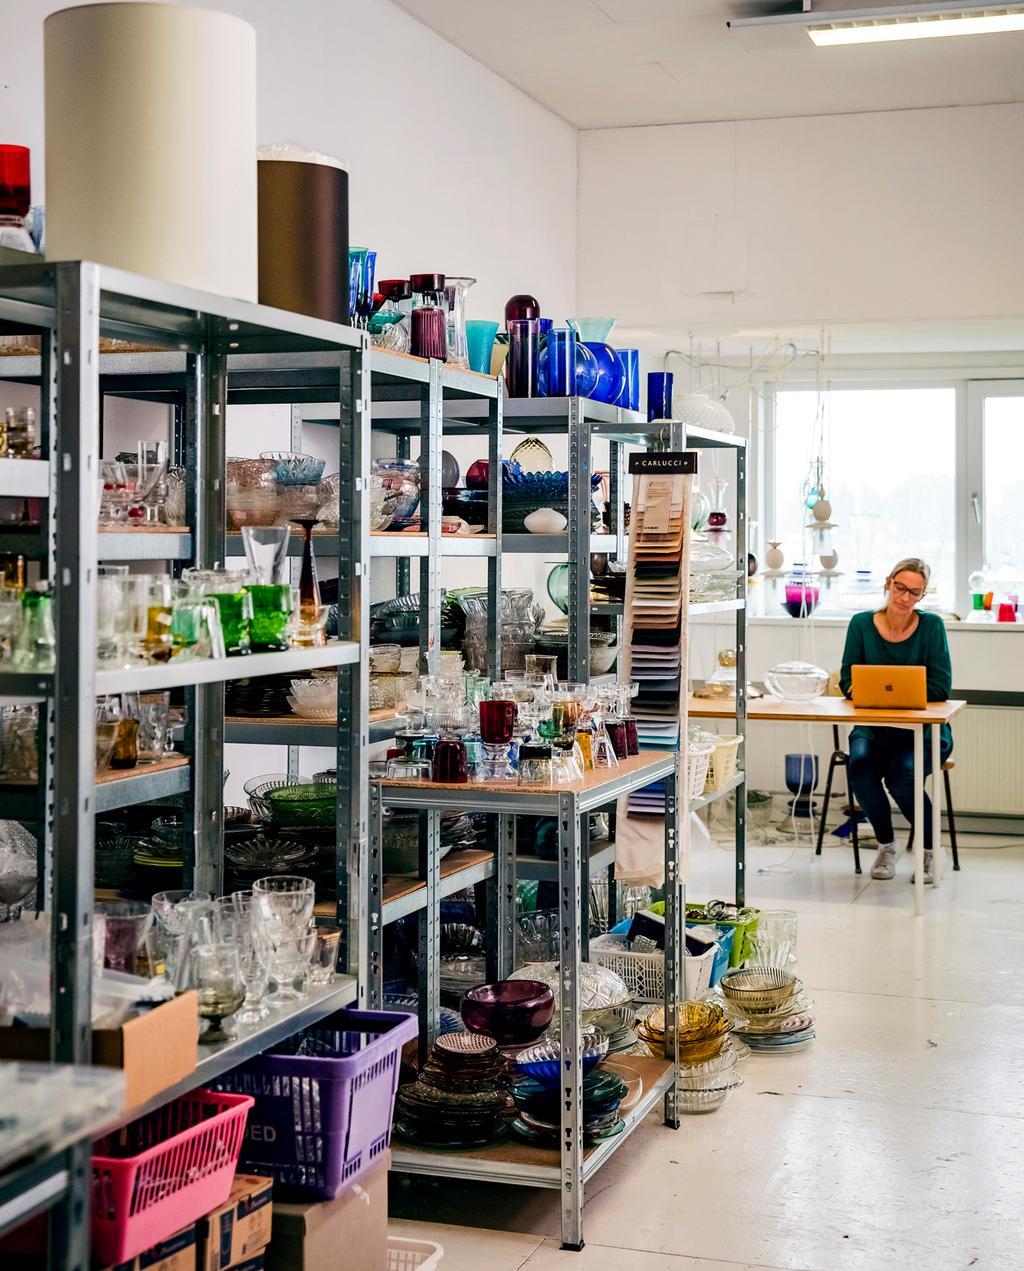 vtwonen 12-2019 | Ambacht Roos verlichting glazenlampen aterlier